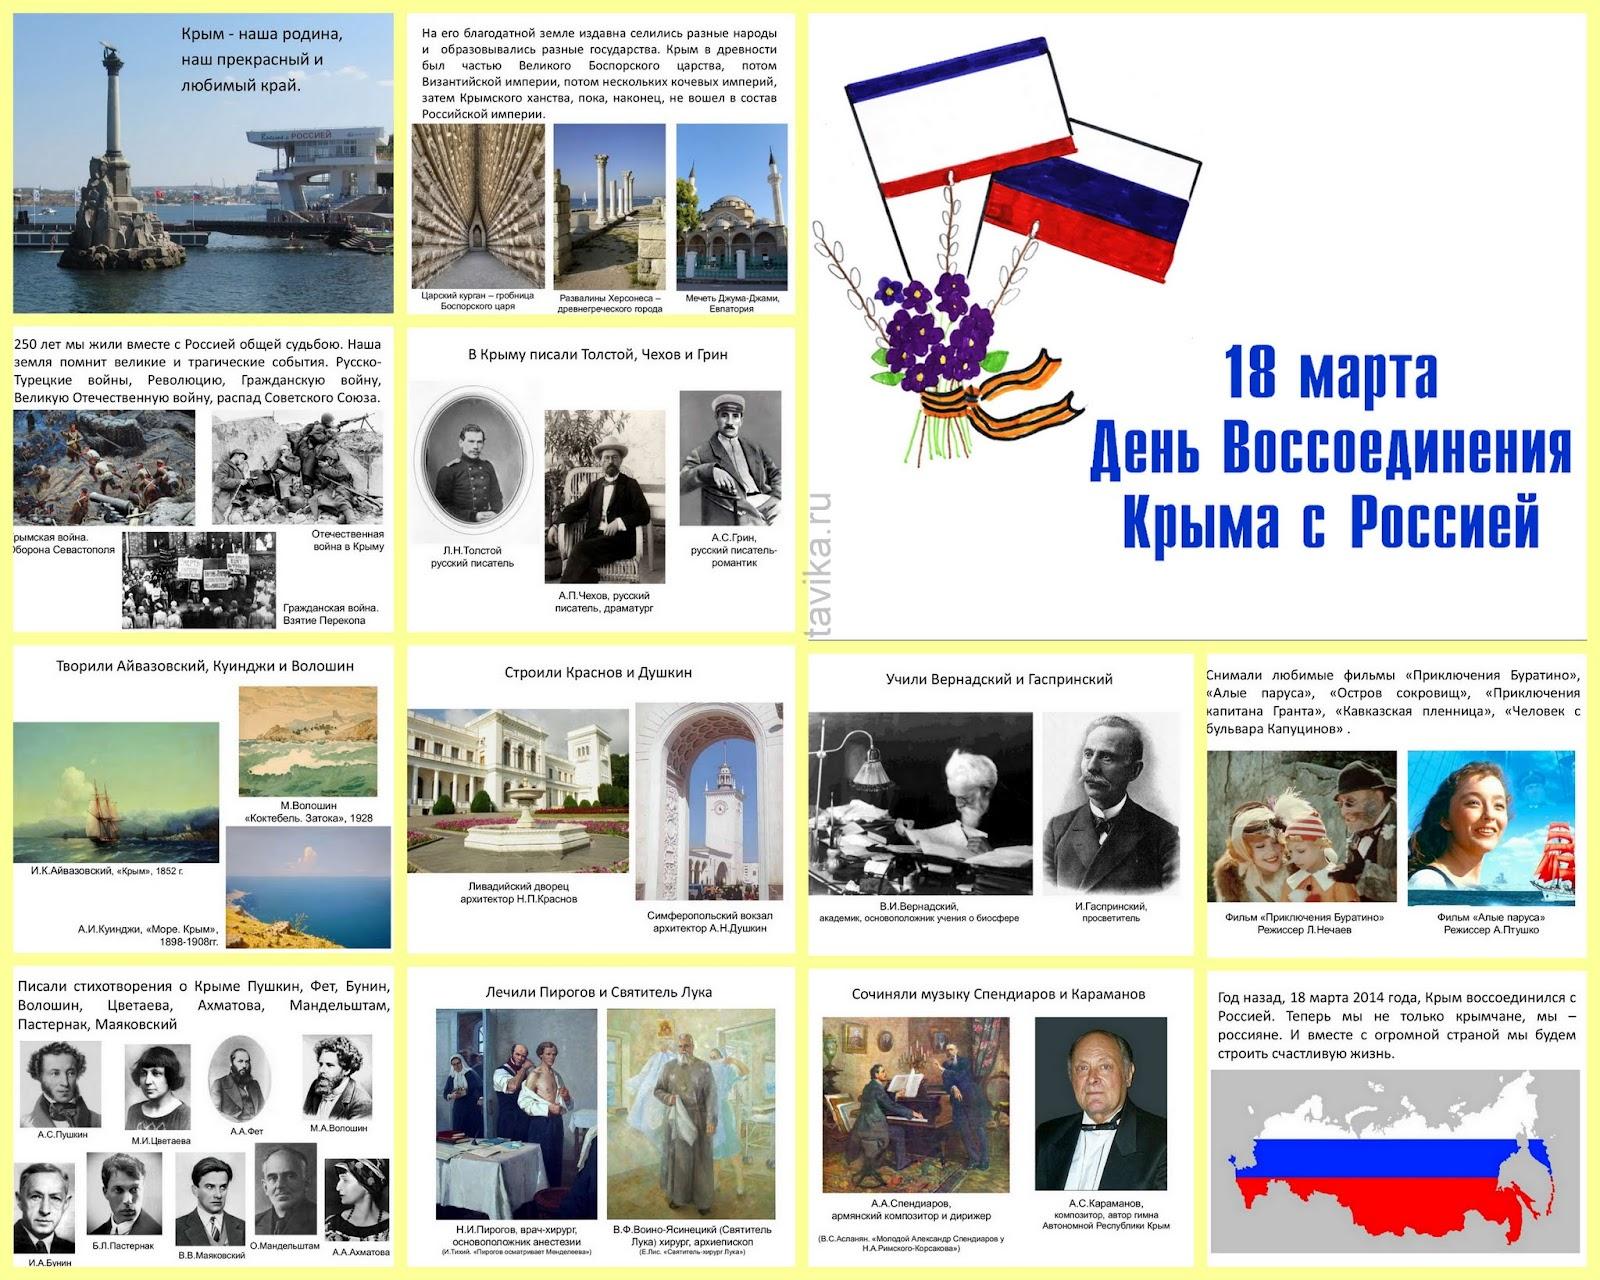 стихи о крымской весне 2014 года образом, терморегуляция зависит